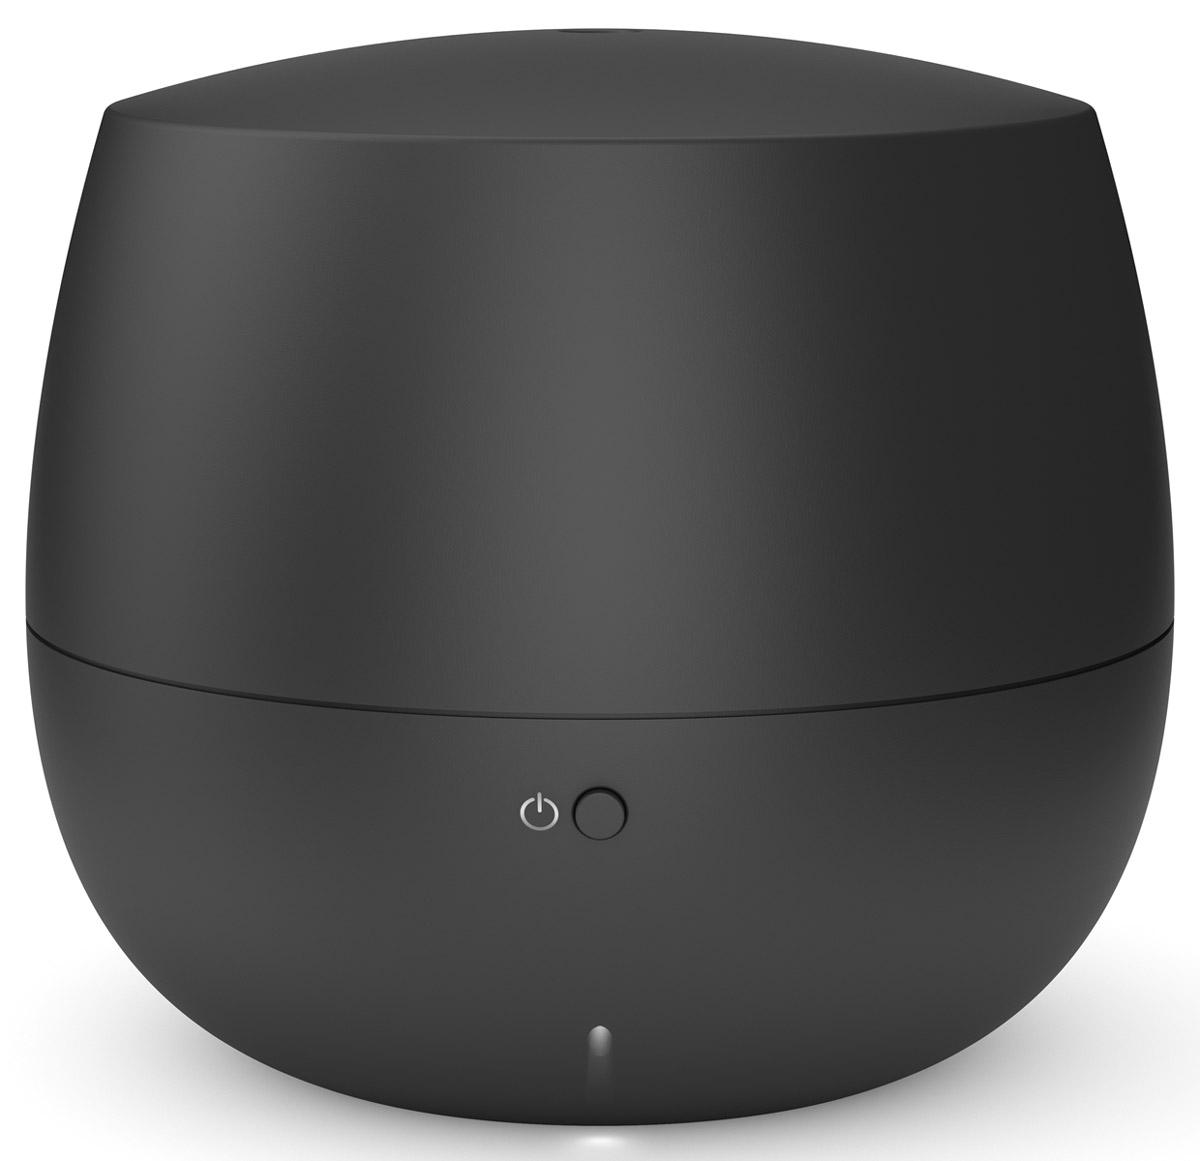 Stadler Form Mia, Black ароматизатор воздуха00000052548Еще несколько шагов по знакомым ступенькам, язычок замка нехотя перевернется, и вы окажетесь дома. Раньше,чем свет покажет вам привычную картину прихожей, вы ощутите едва заметный, ласковый и теплый аромат. Таквас встречает Stadler Form Mia – миниатюрный ароматизатор воздуха для дома.Этот умный ароматизатор выполняет работу эффективно и незаметно. Даже ее символическая подсветканаправлена вниз – Mia словно опустила взгляд. Впрочем, обратить на нее внимание все же стоит: мягкий дизайн,форма которого близка человеку на генном уровне, и теплая матовость материала будут вкусной пищей длявашего чувства прекрасного. Если оставить высокие материи и обратиться к технологиям, то внутри Mia можно обнаружить современнуюутльтразвуковую мембрану. Она превращает воду, в которую вы добавляете любимый аромат, в мелкокапельный легчайший пар. Он хорошо смешивается с воздухом, равномерно наполняя все помещение ненавязчивым благоуханием.Для того чтобы аромат не становился слишком резким, в ароматизаторе предусмотрен интервальный режим.Это означает, что прибор насыщает воздух ароматом в течение 10 минут, а затем отключается на 20 минут, чтобыконцентрация эфирного масла была невысокой, и запах не стал приторным.За счет интервального режима Mia может непрерывно работать 10 часов, а значит – встречать вас успокаивающей лавандой после работы или всю ночь удобрять иммунитет маслом чайного дерева. Насчет спокойствия можно не беспокоиться и смело пускать Mia в спальню: она работает практически неслышно.